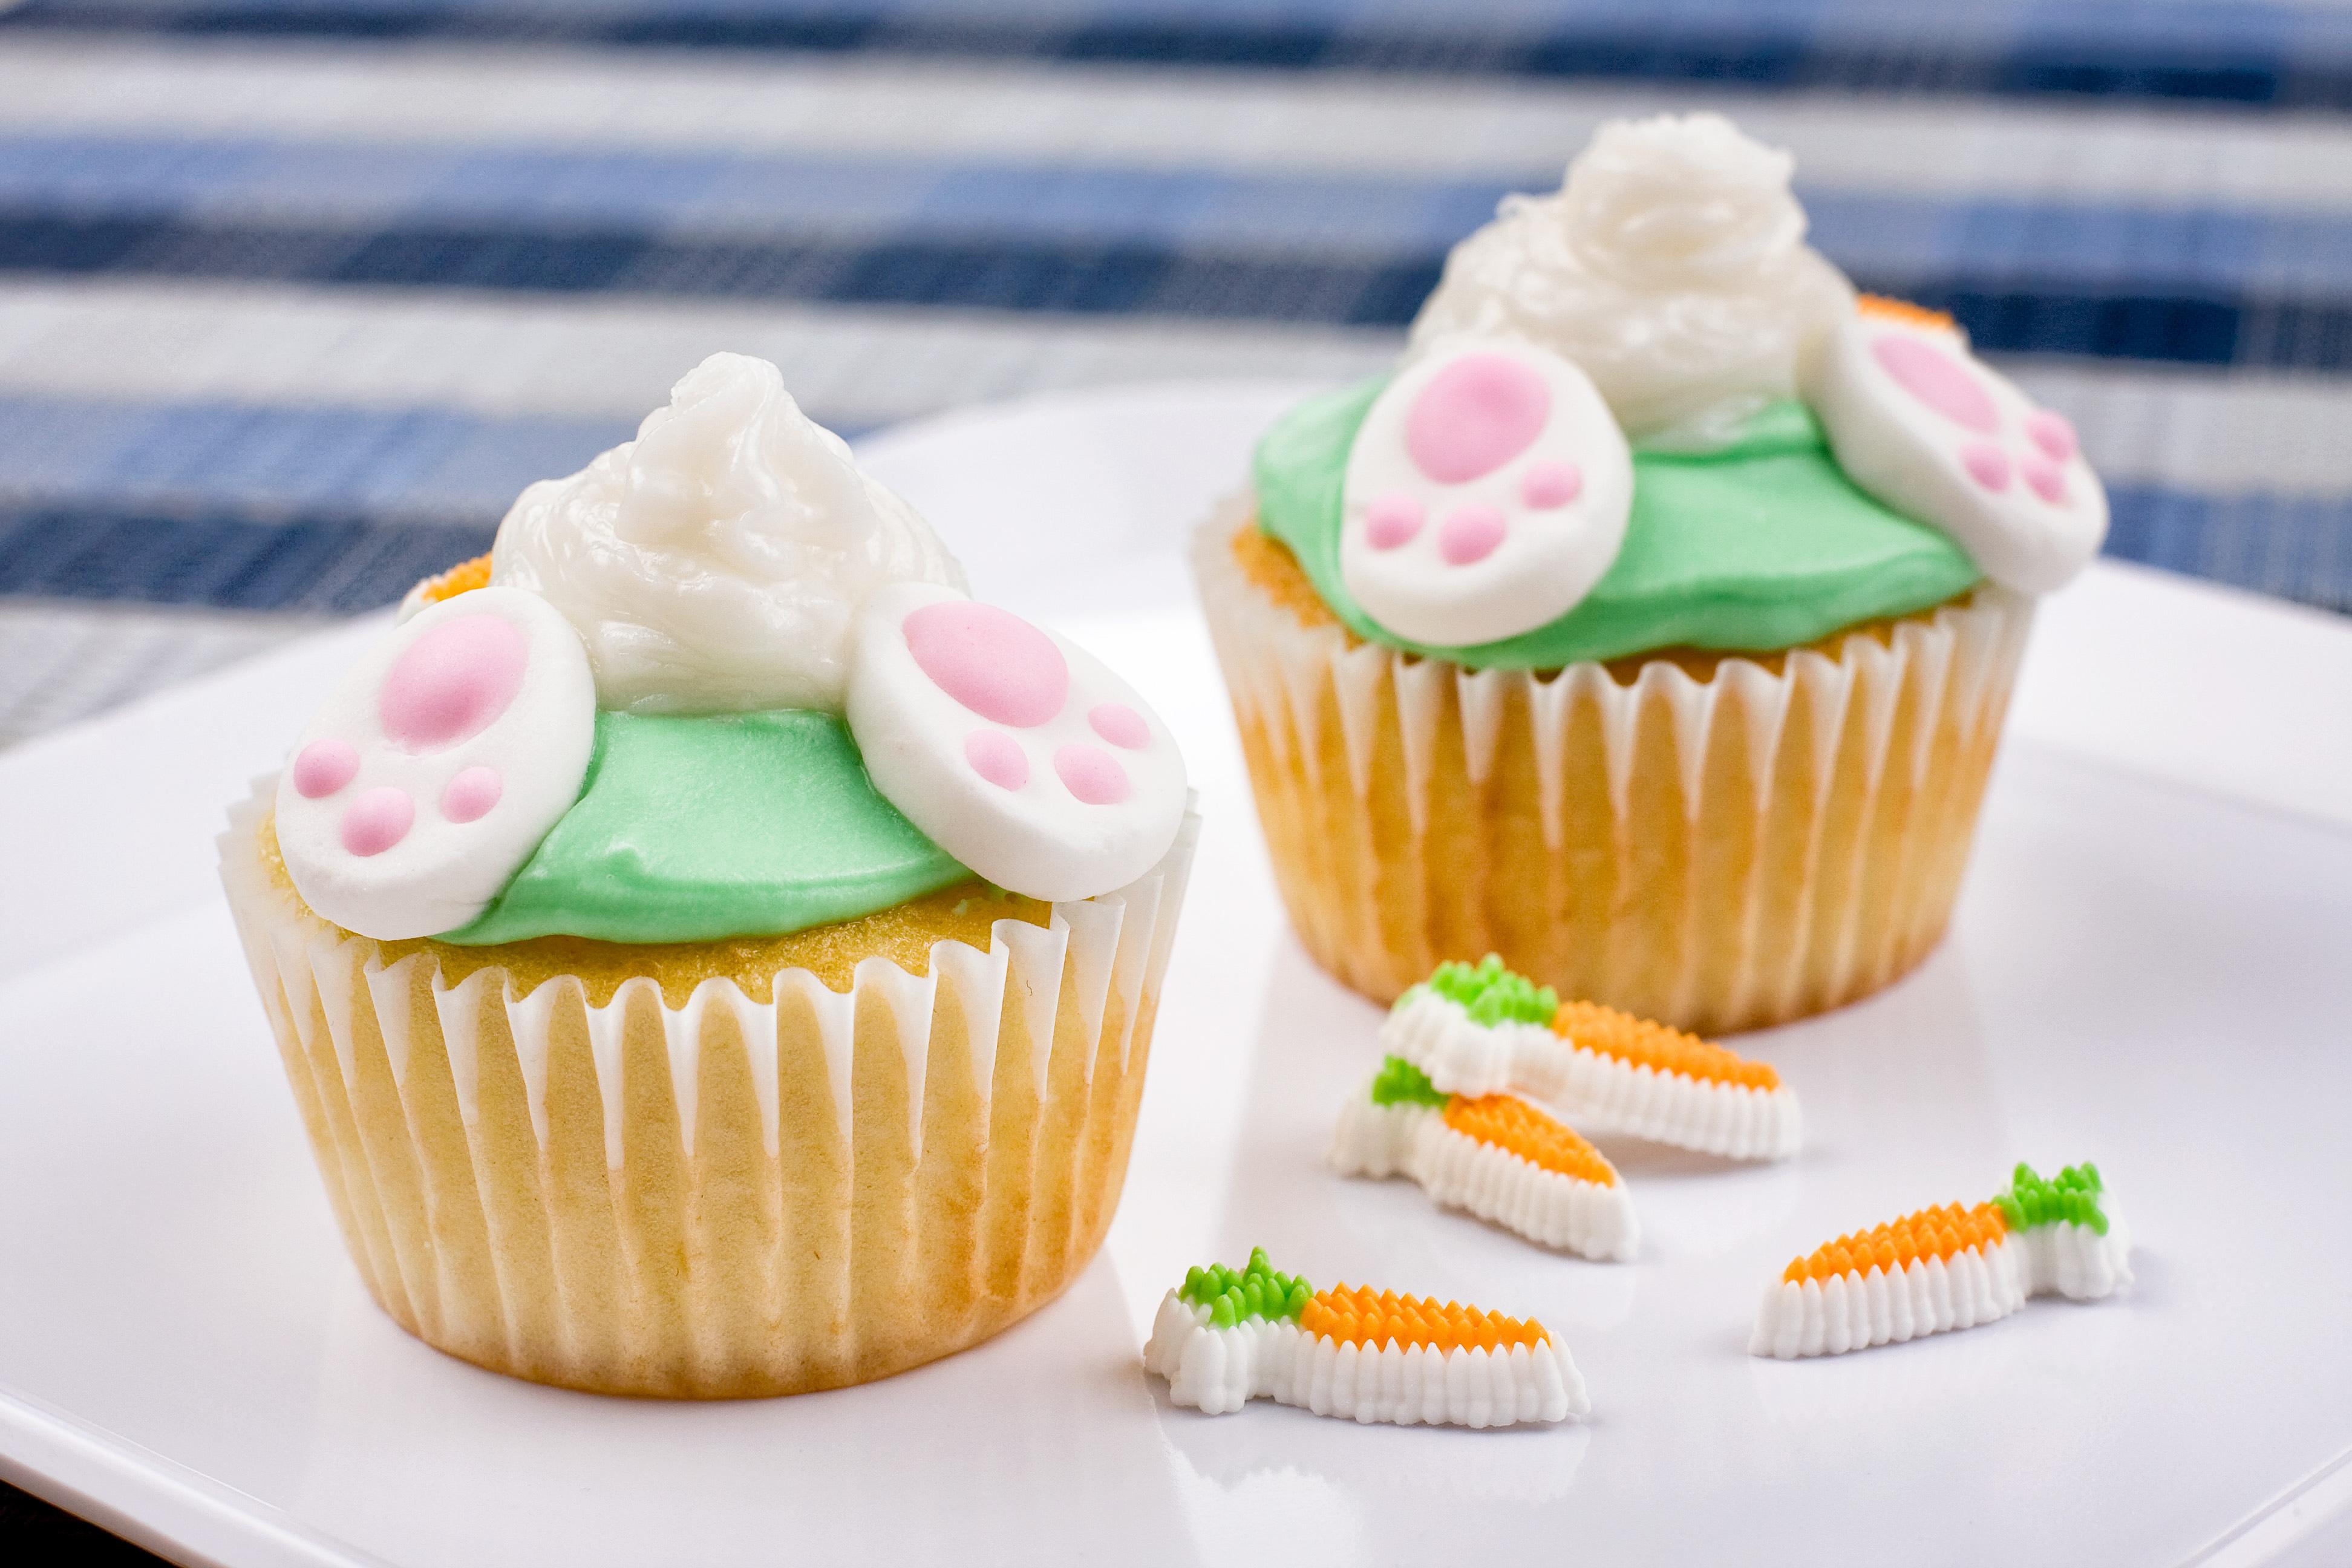 Bunny Tail Cupcakes